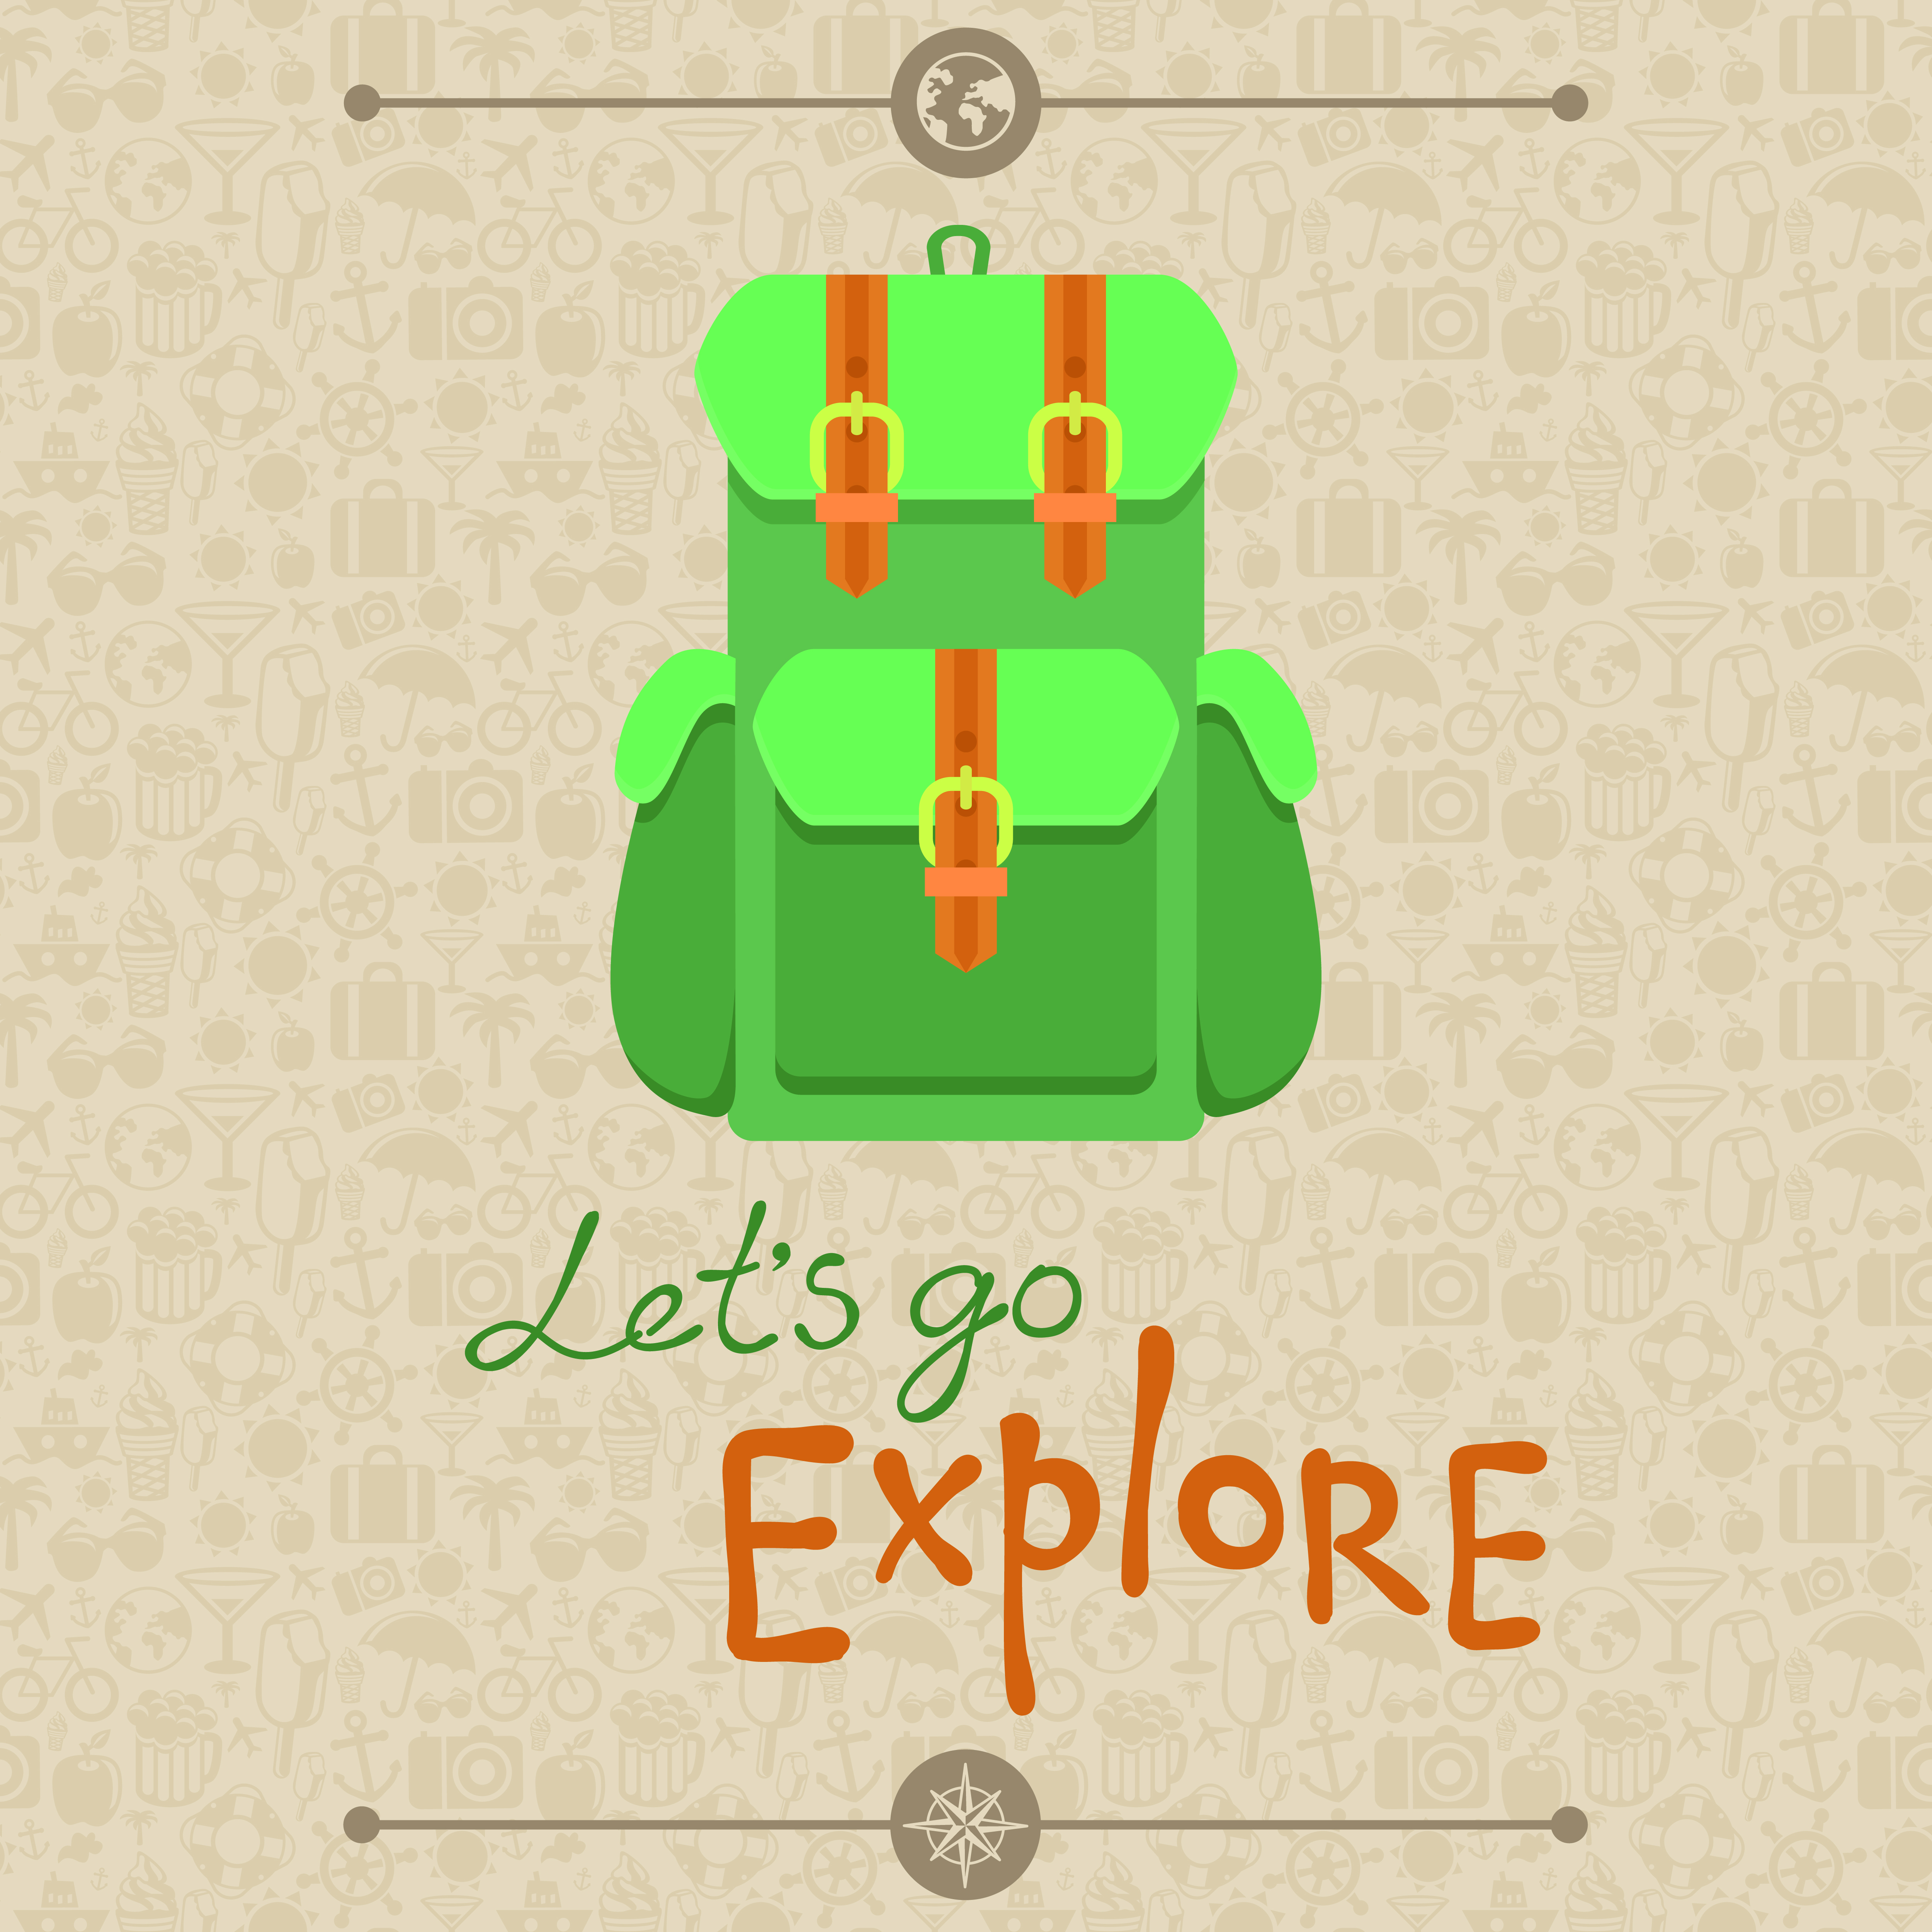 Как путешествовать без денег: краудфандинг для путешественников